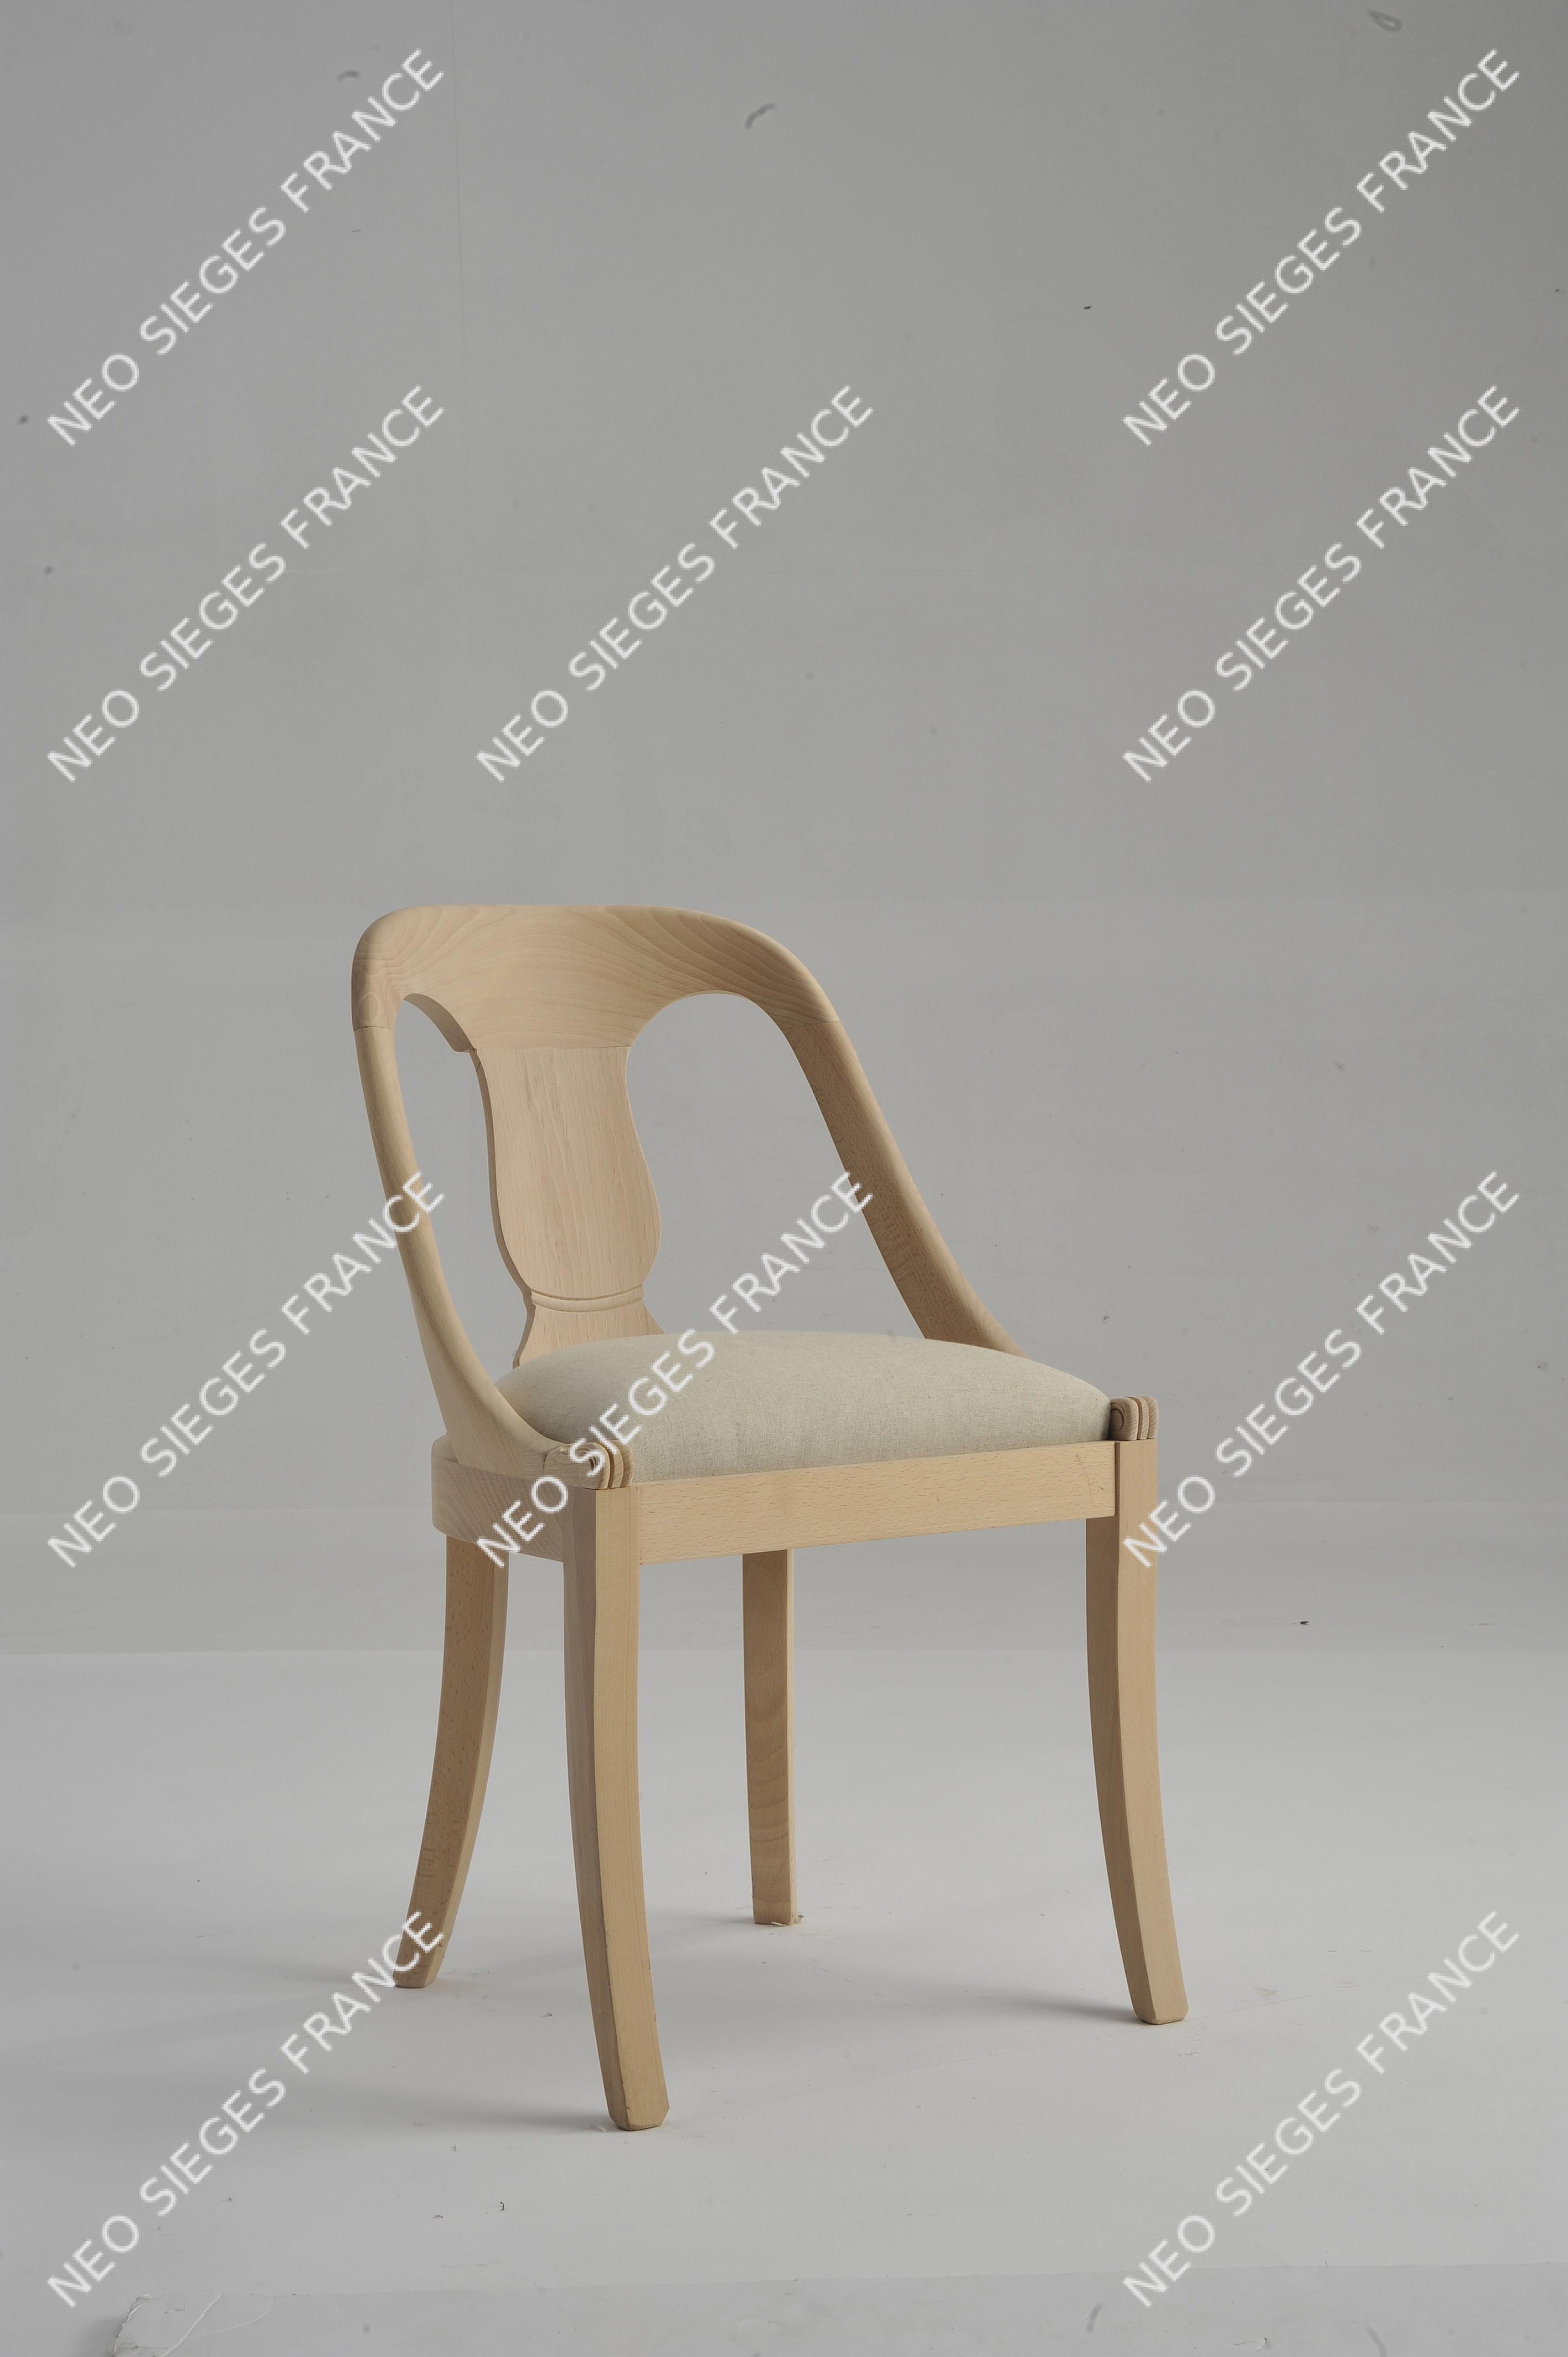 chaise hotte ronde châssis garni en lin réf. 1052